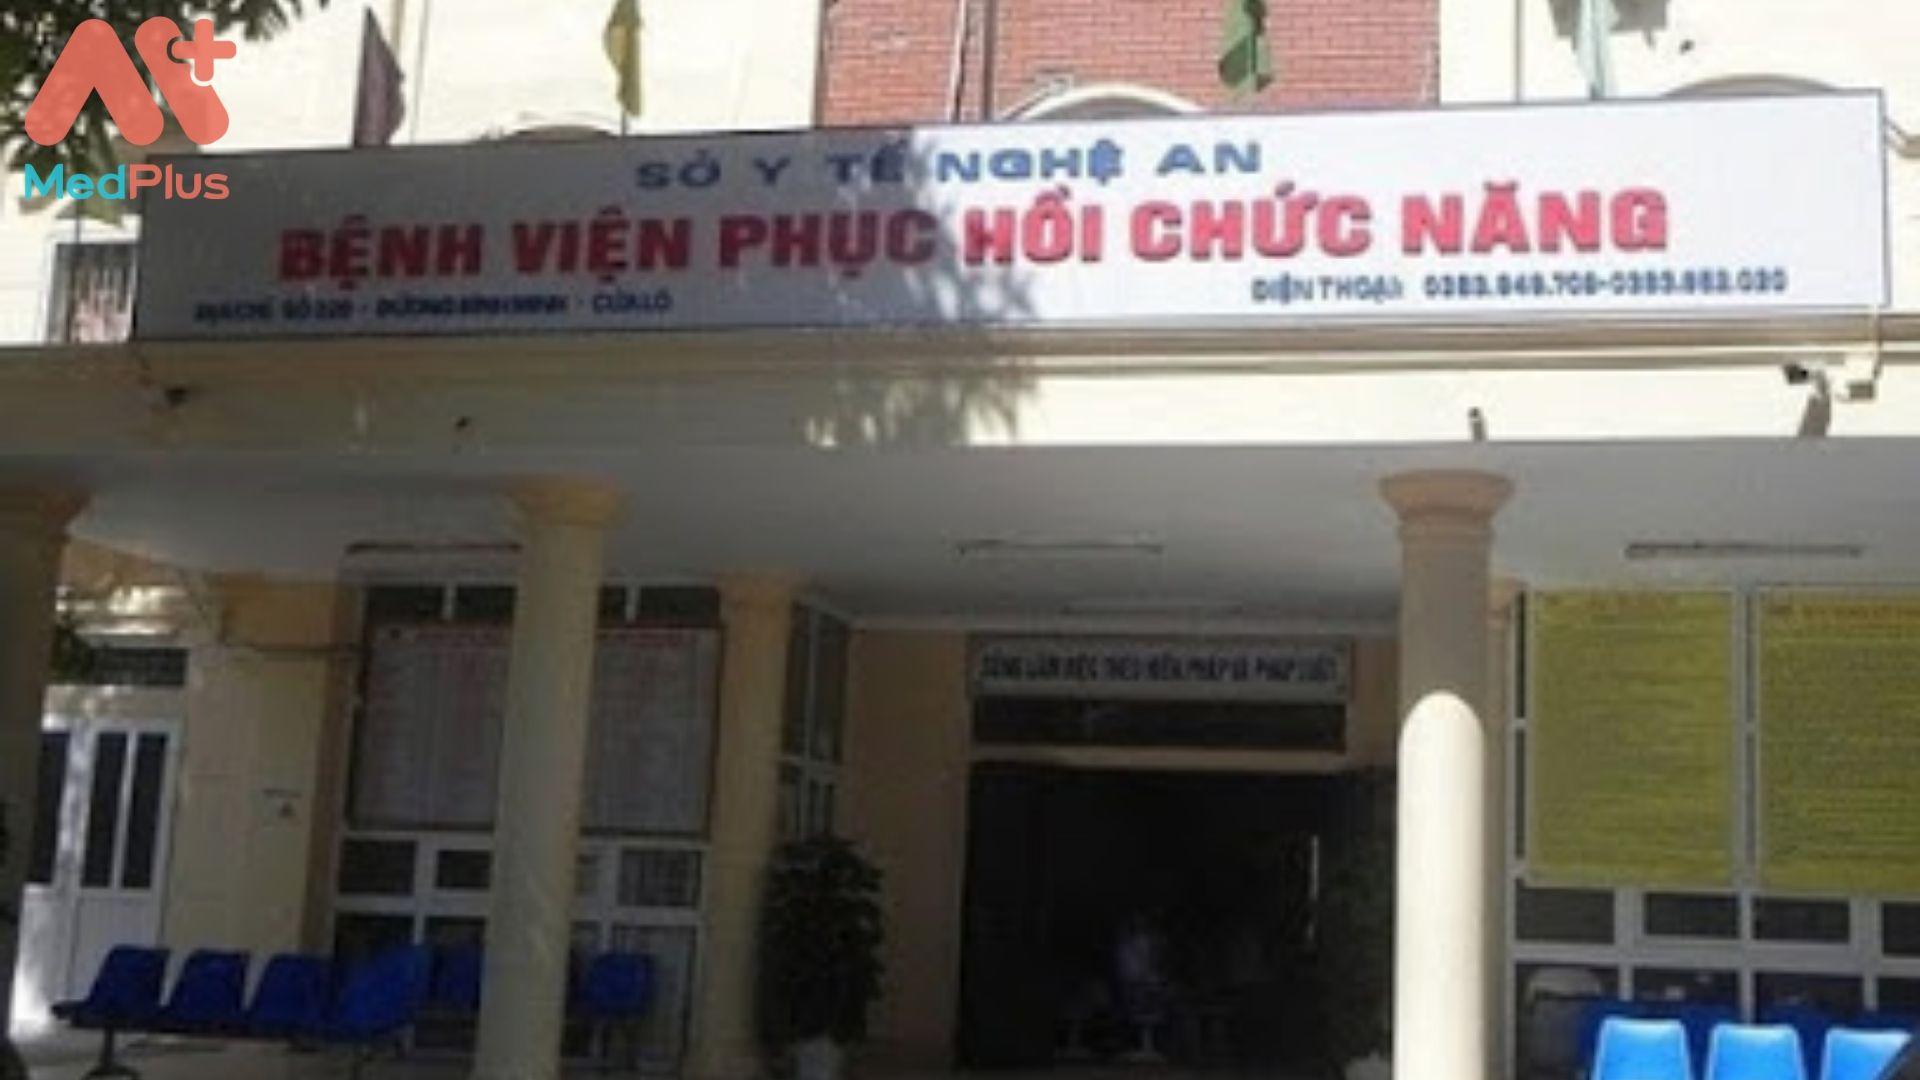 Bệnh viện Điều dưỡng và phục hồi chức năng tỉnh Nghệ An